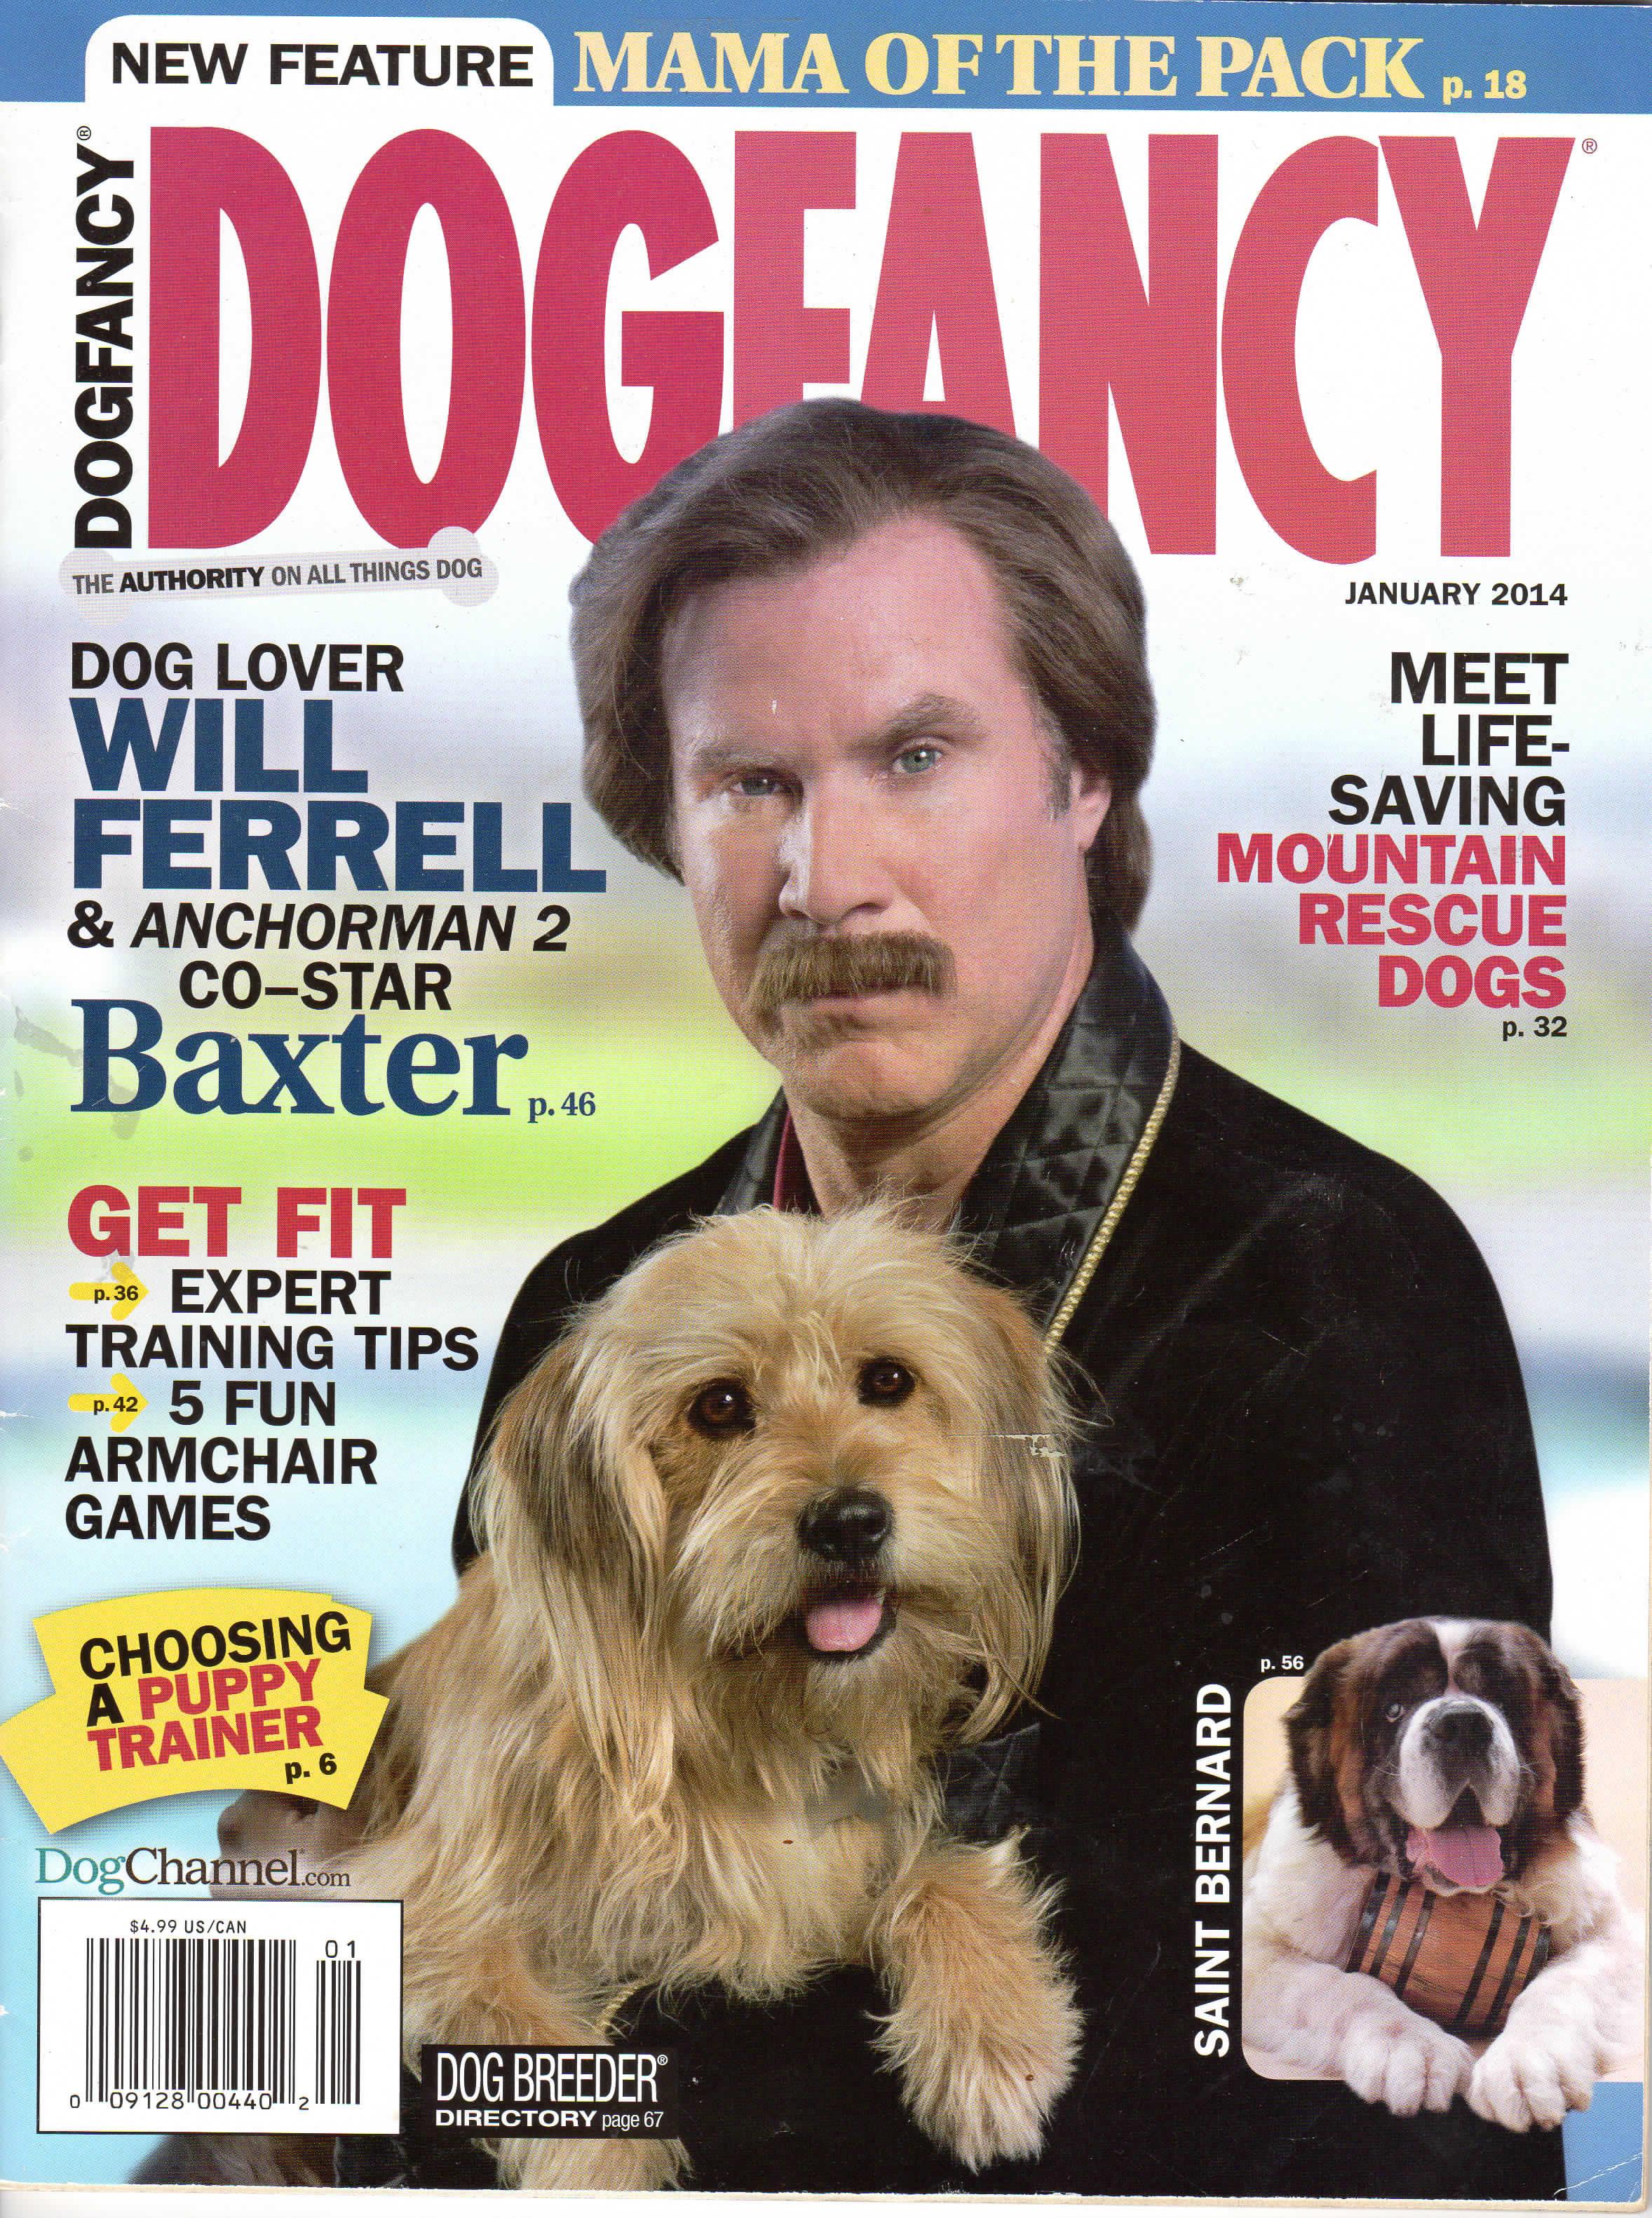 Dog Fancy Anchorman20160910_16401801-1.jpg